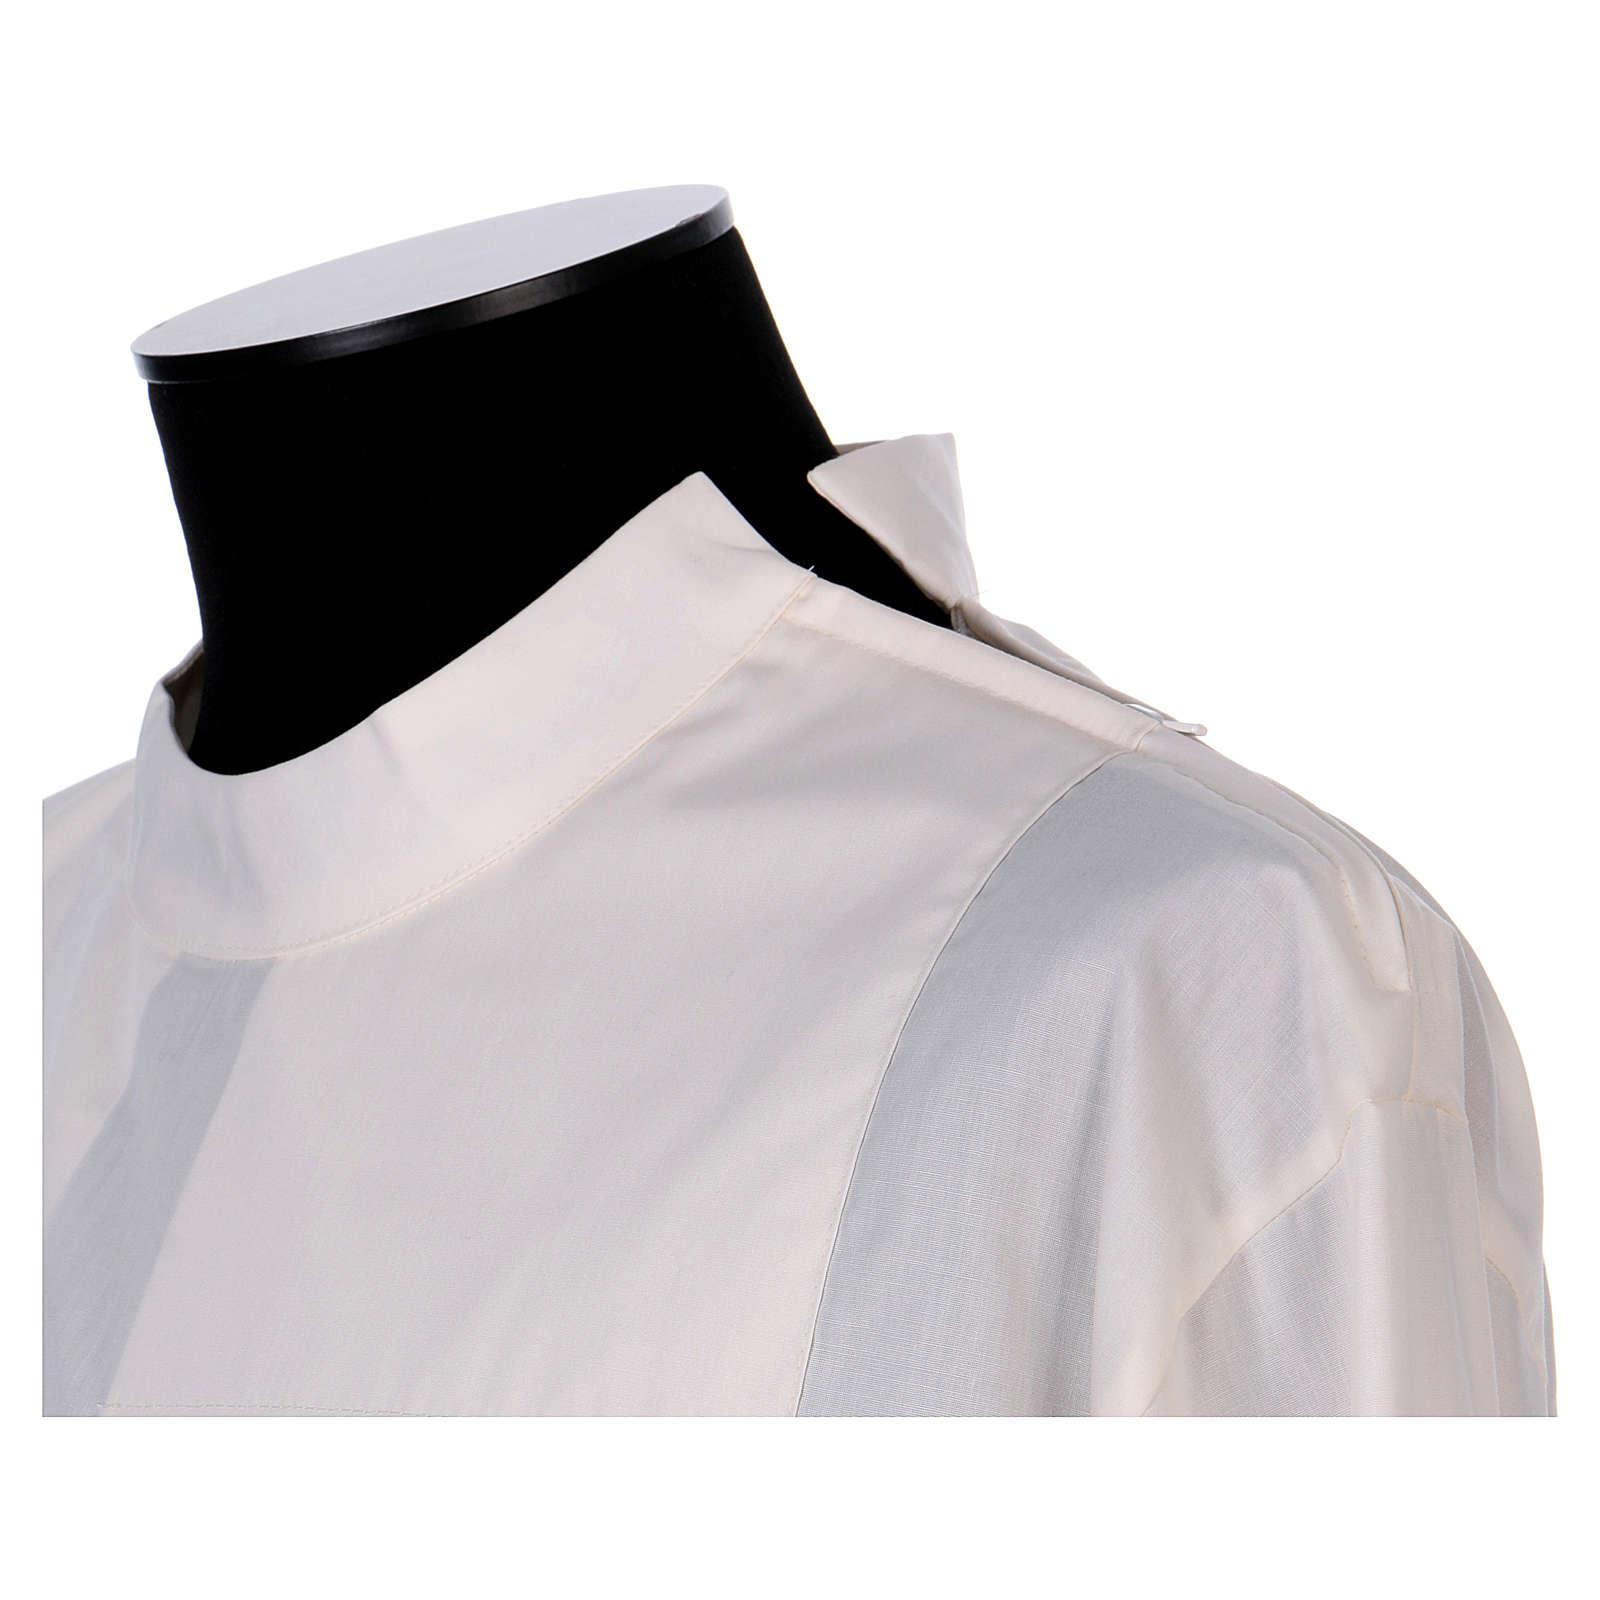 Camice avorio 65% poliestere 35% cotone due piegoni cerniera spalla 4